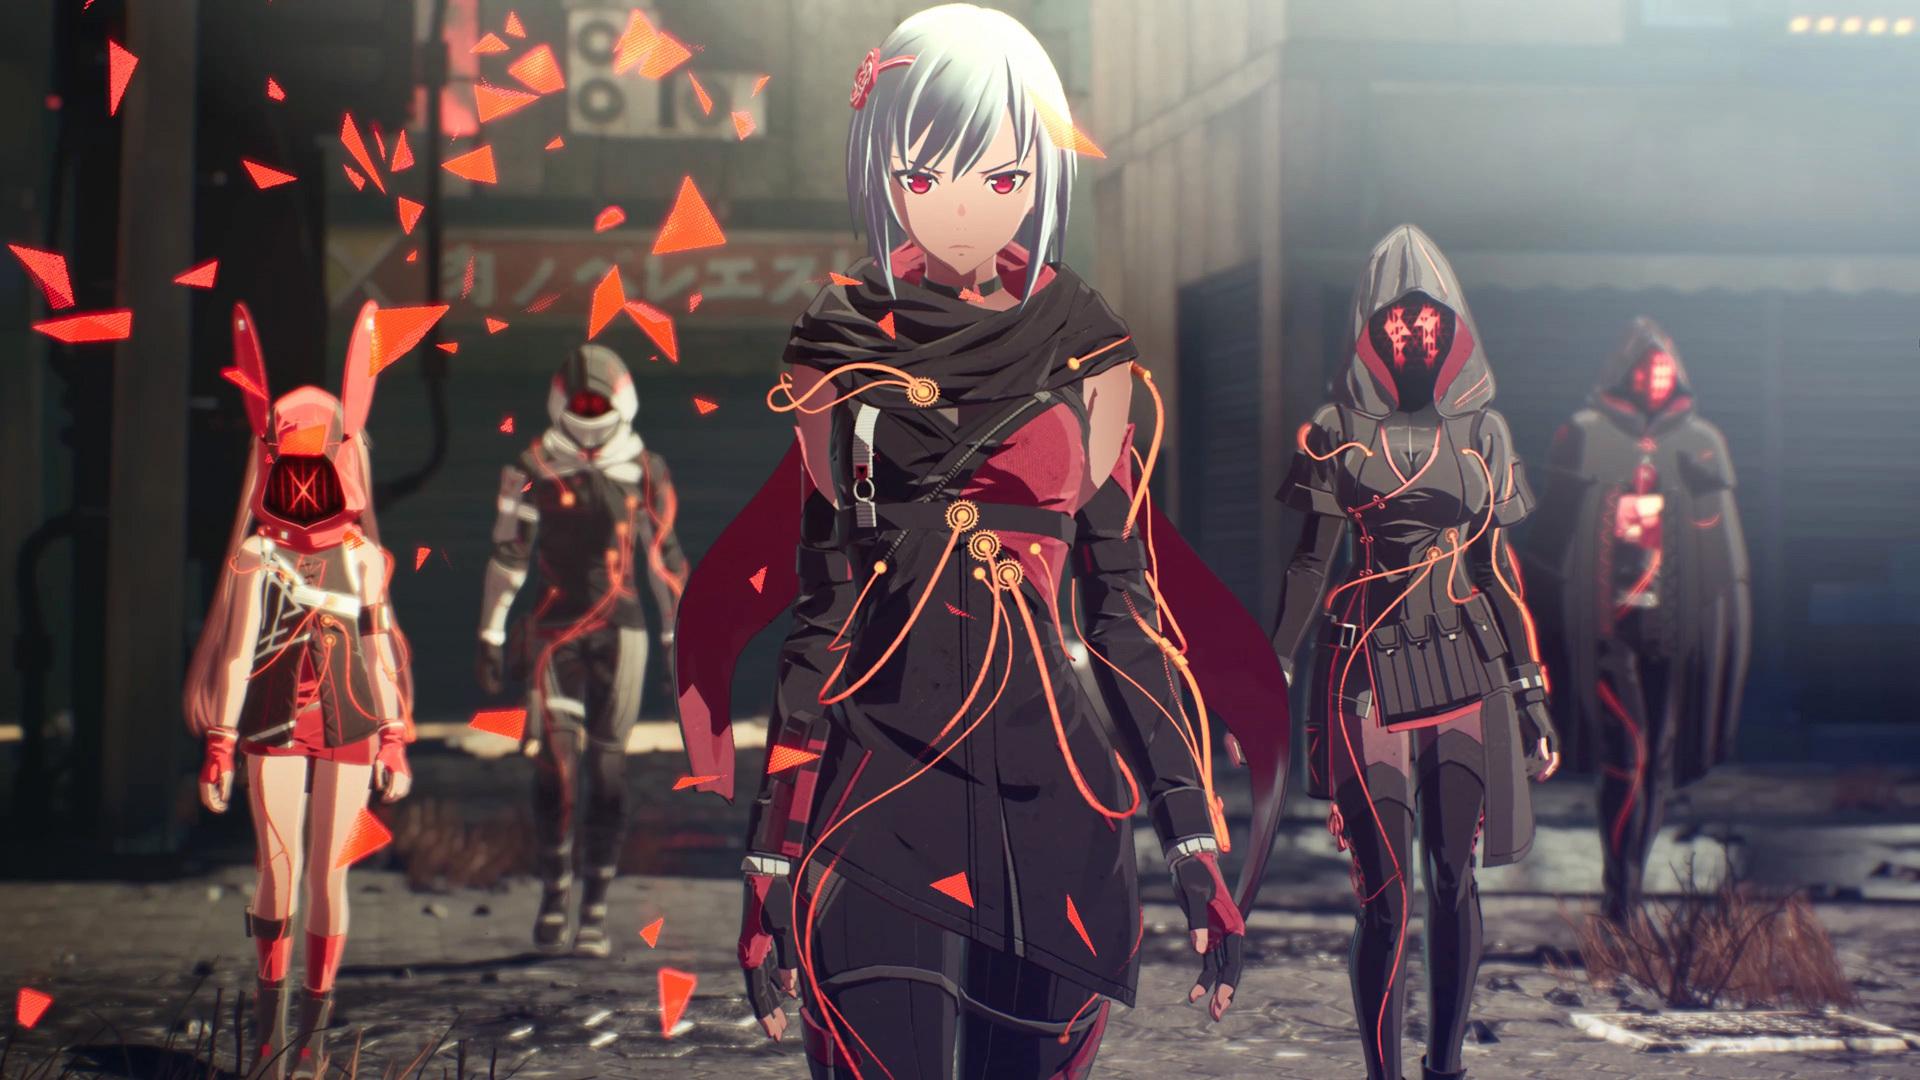 Is Scarlet Nexus Open World